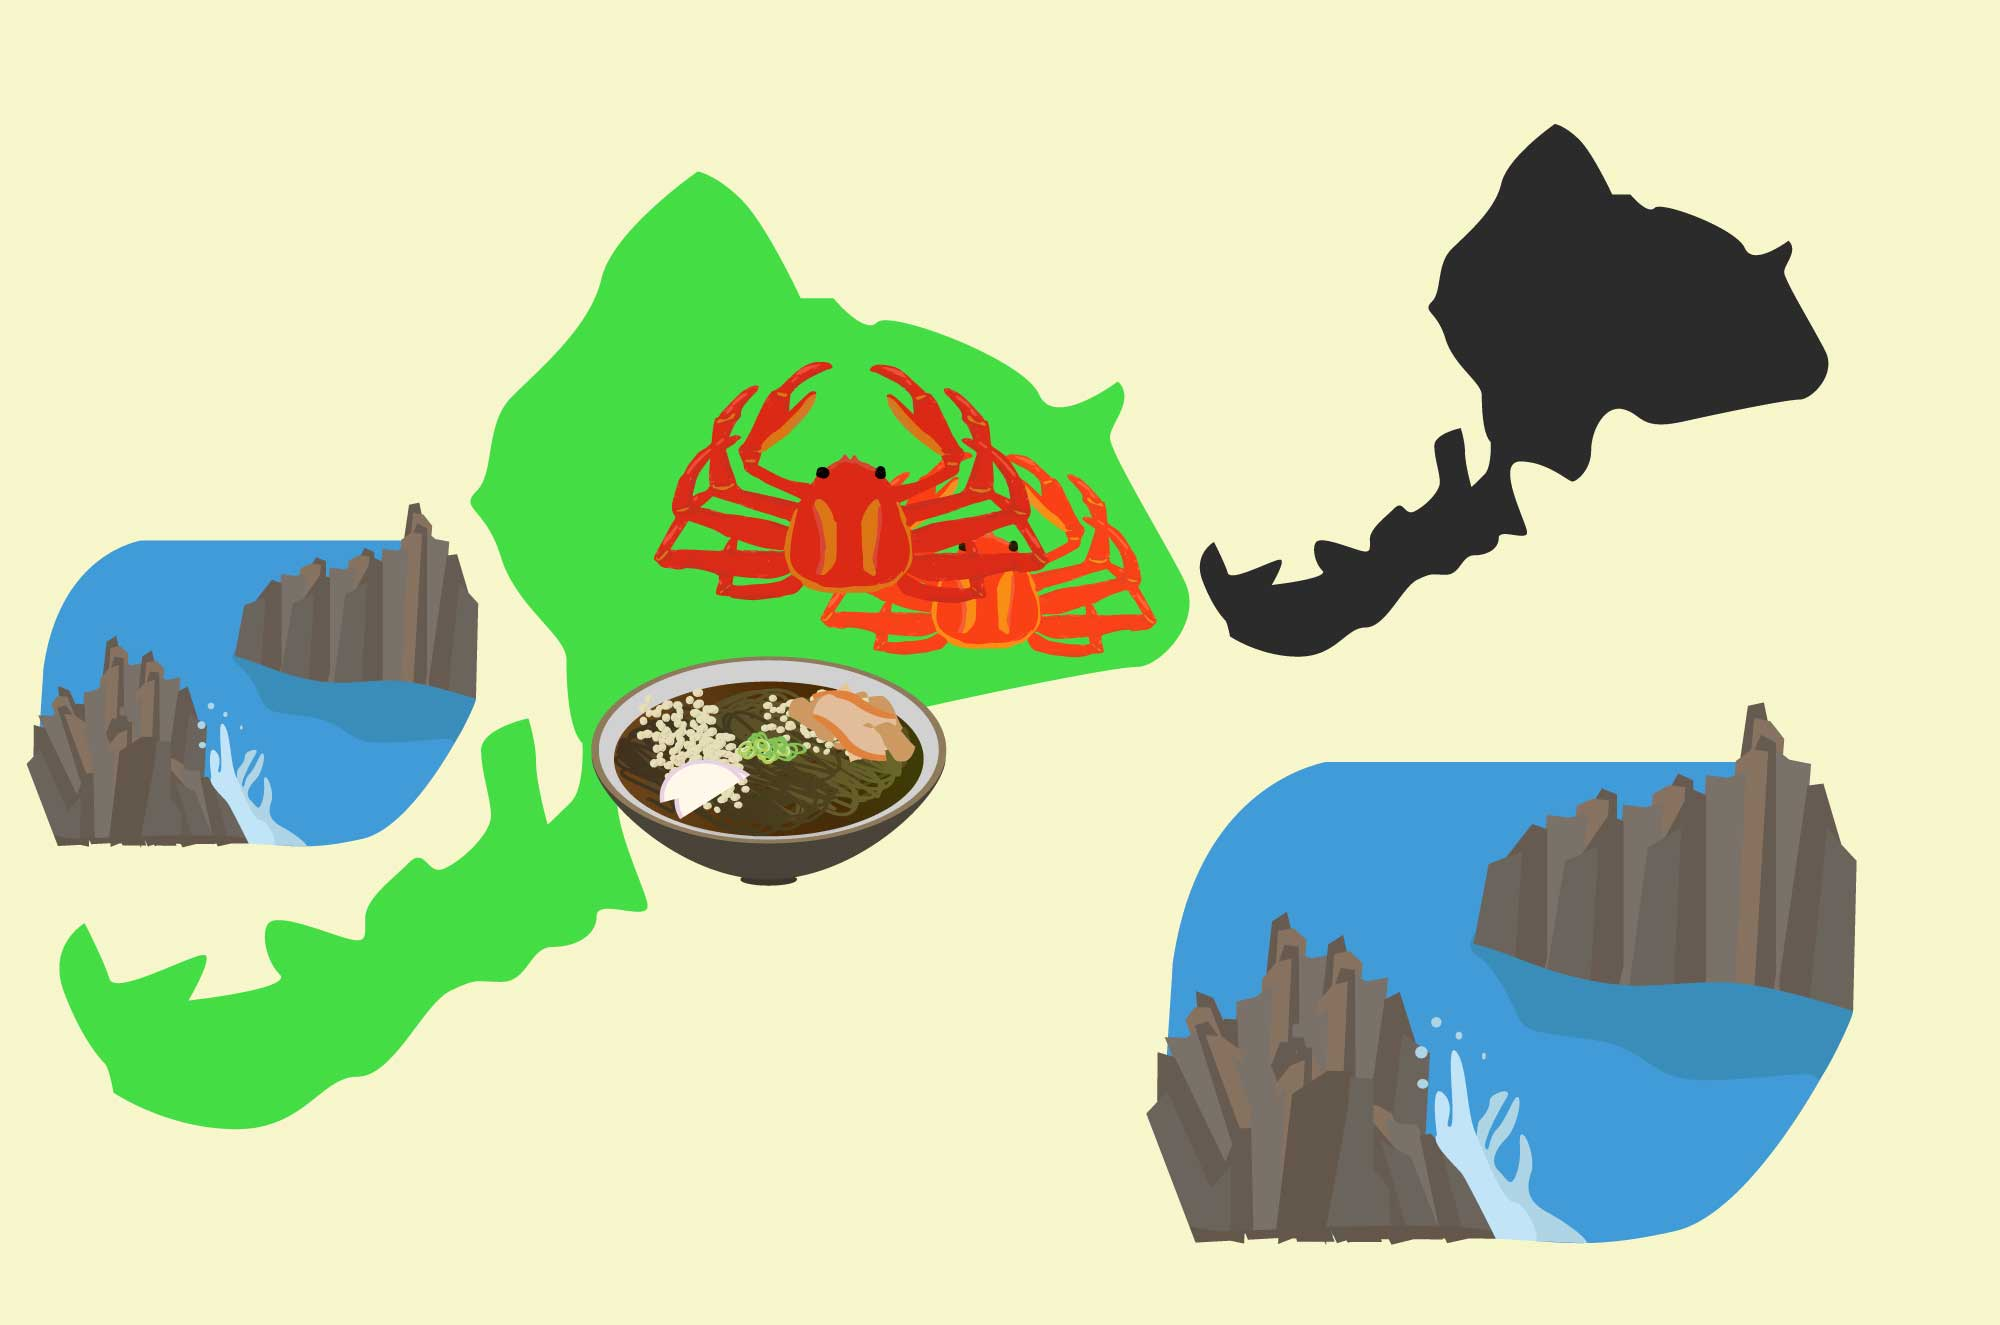 福井の無料イラスト - 越前蟹・東尋坊など地域の素材